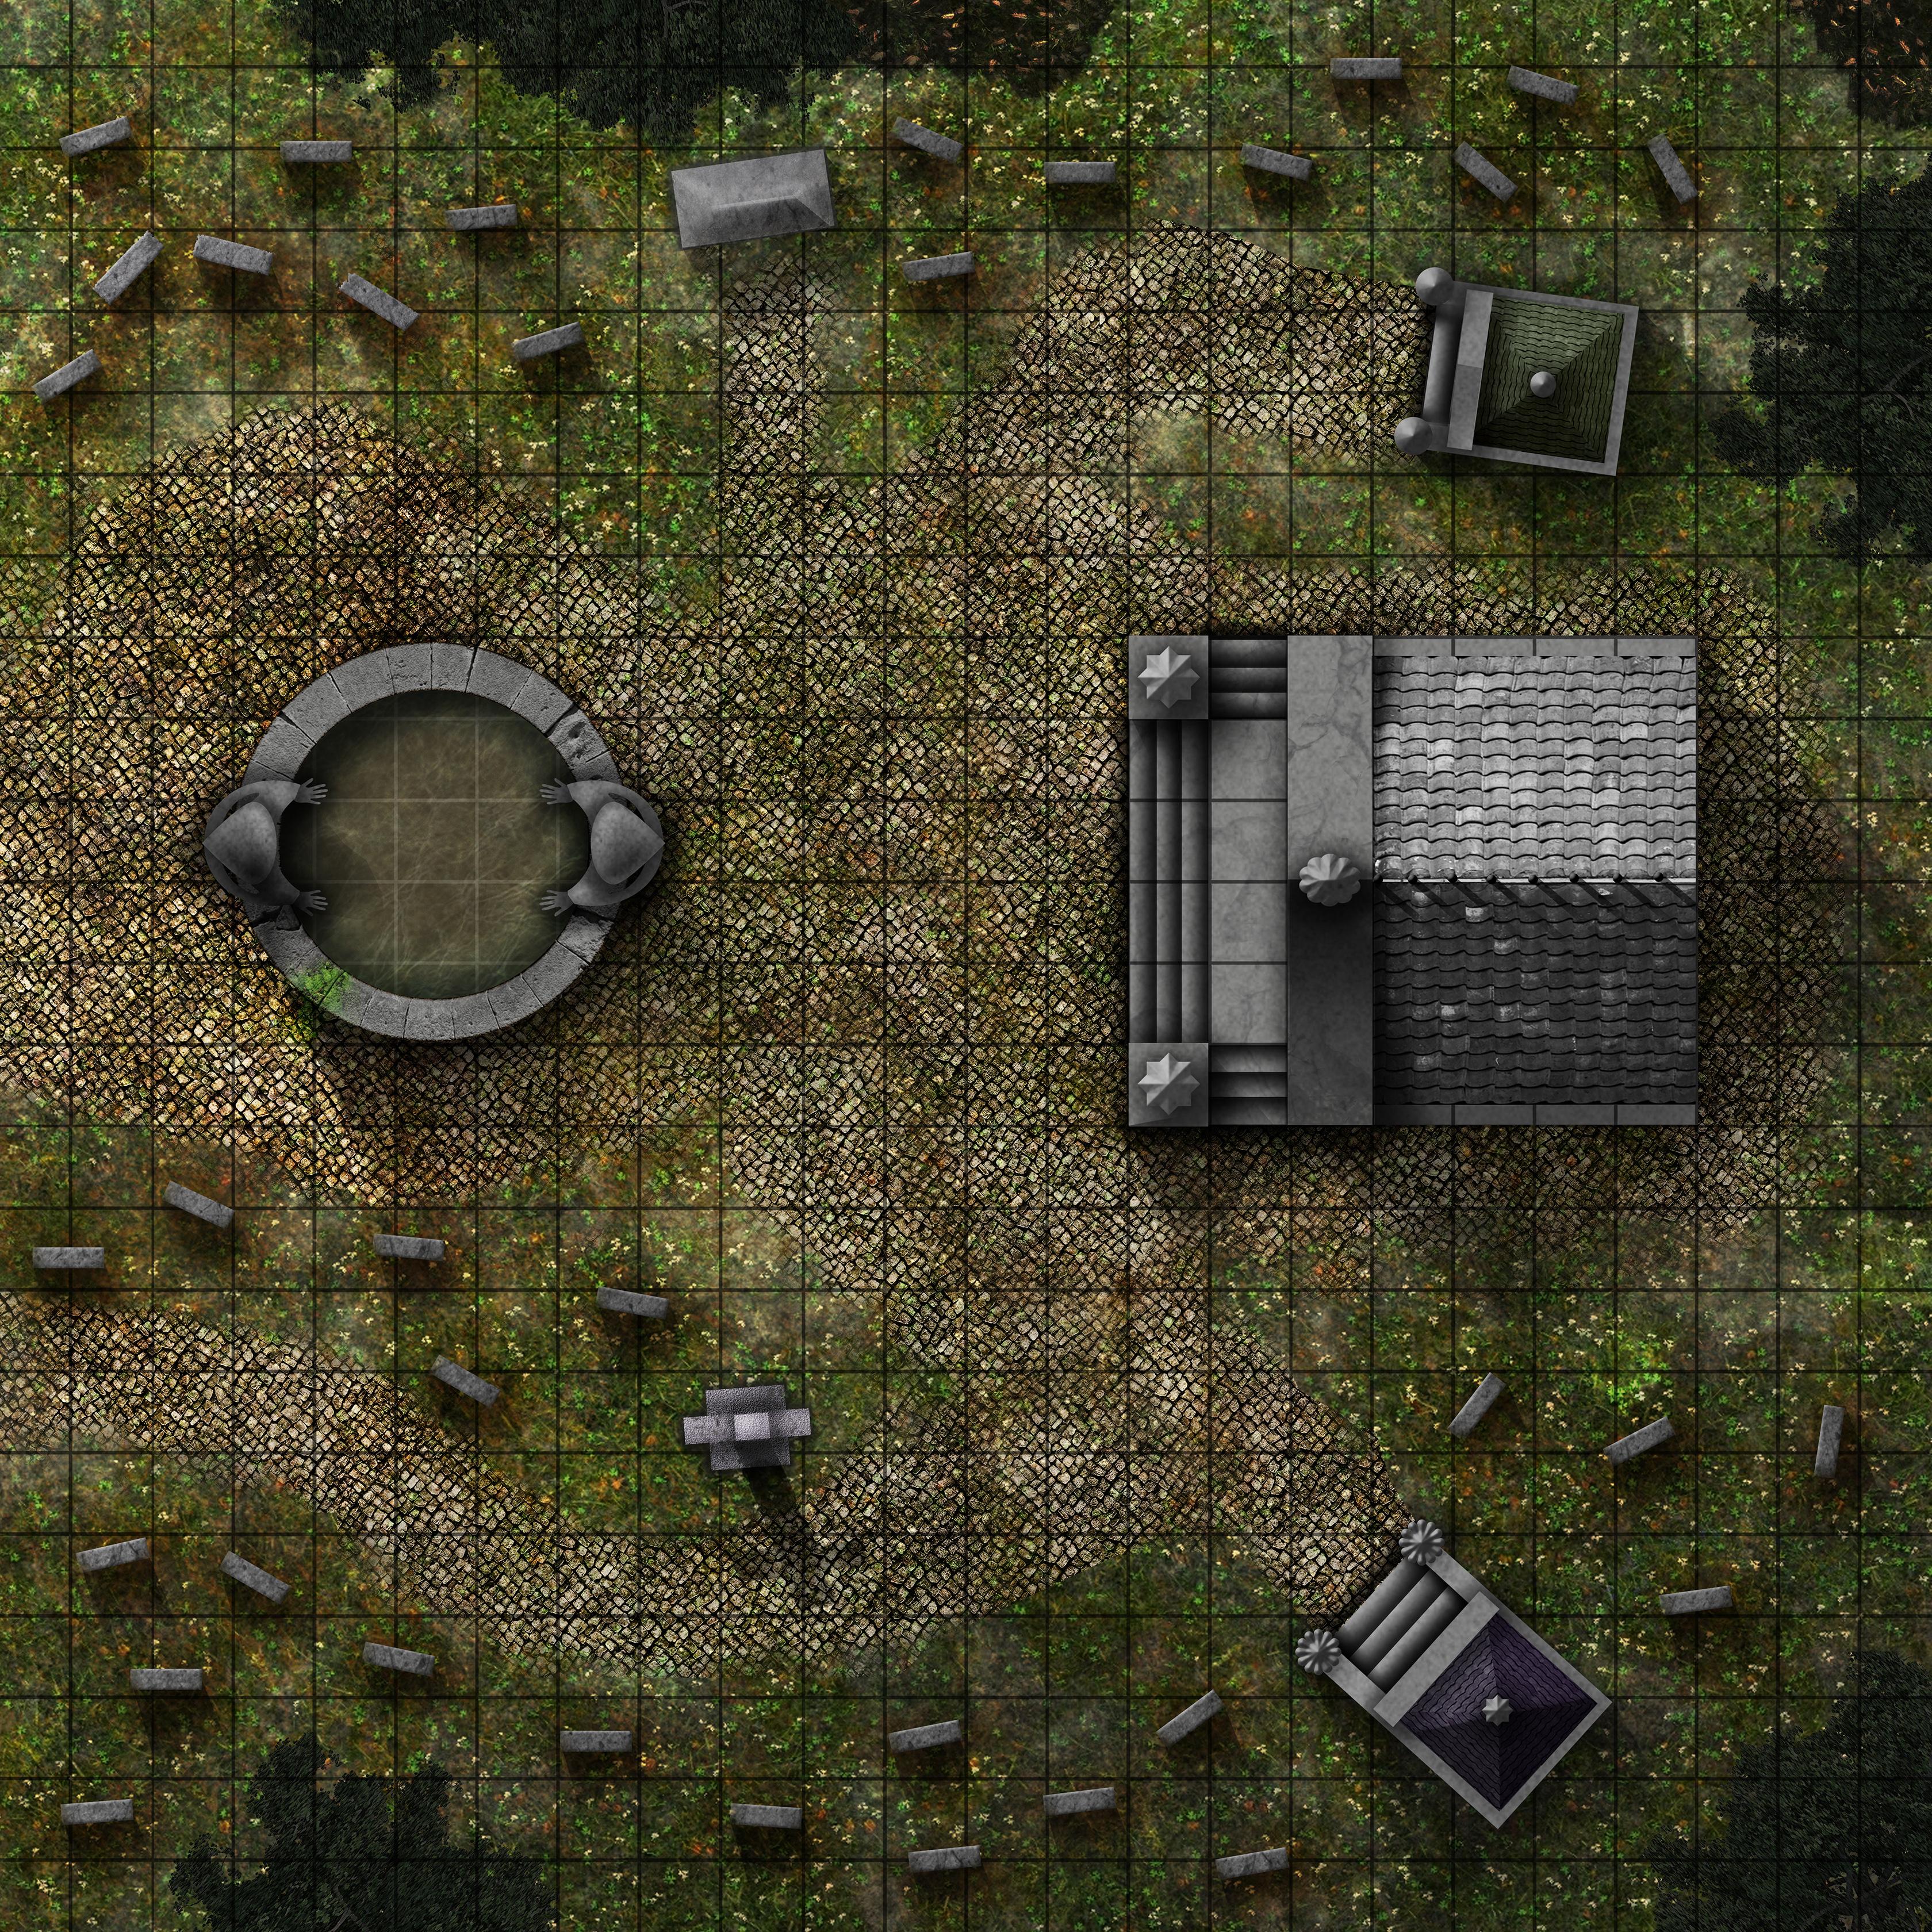 Graveyard_24x24_1_Square-VTT.jpg